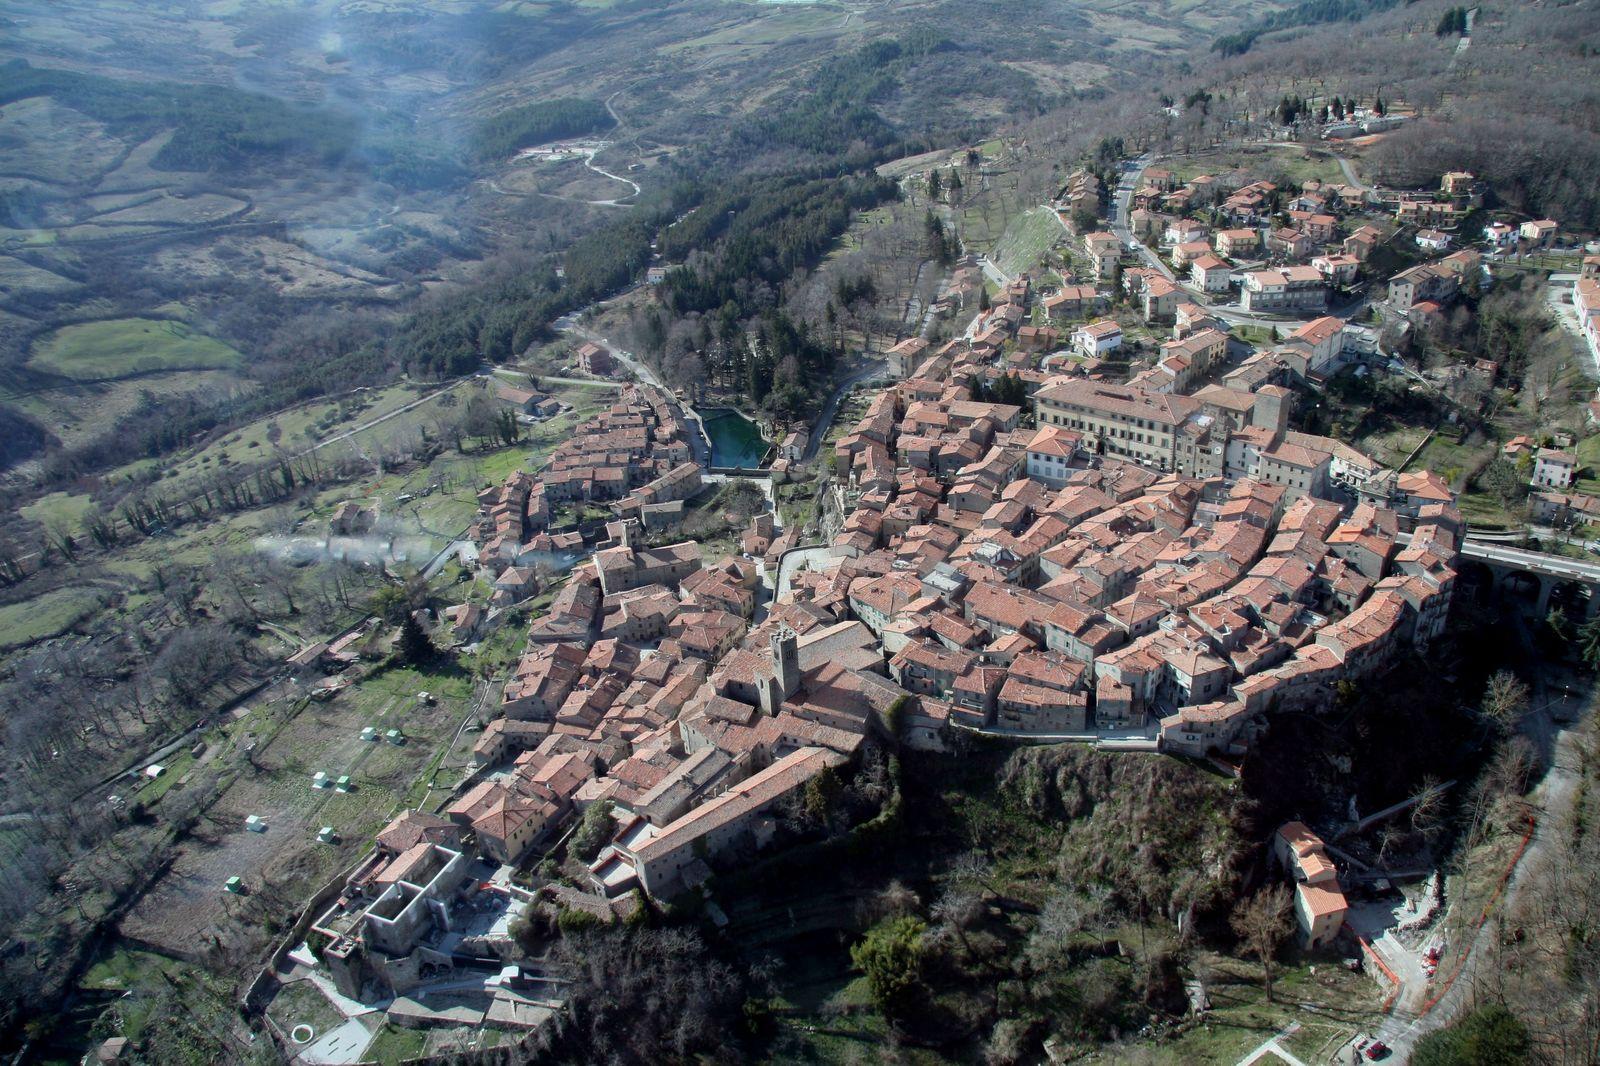 Santa Fiora - Profumi, suoni, acqua fresca e la memoria di un illustre passato